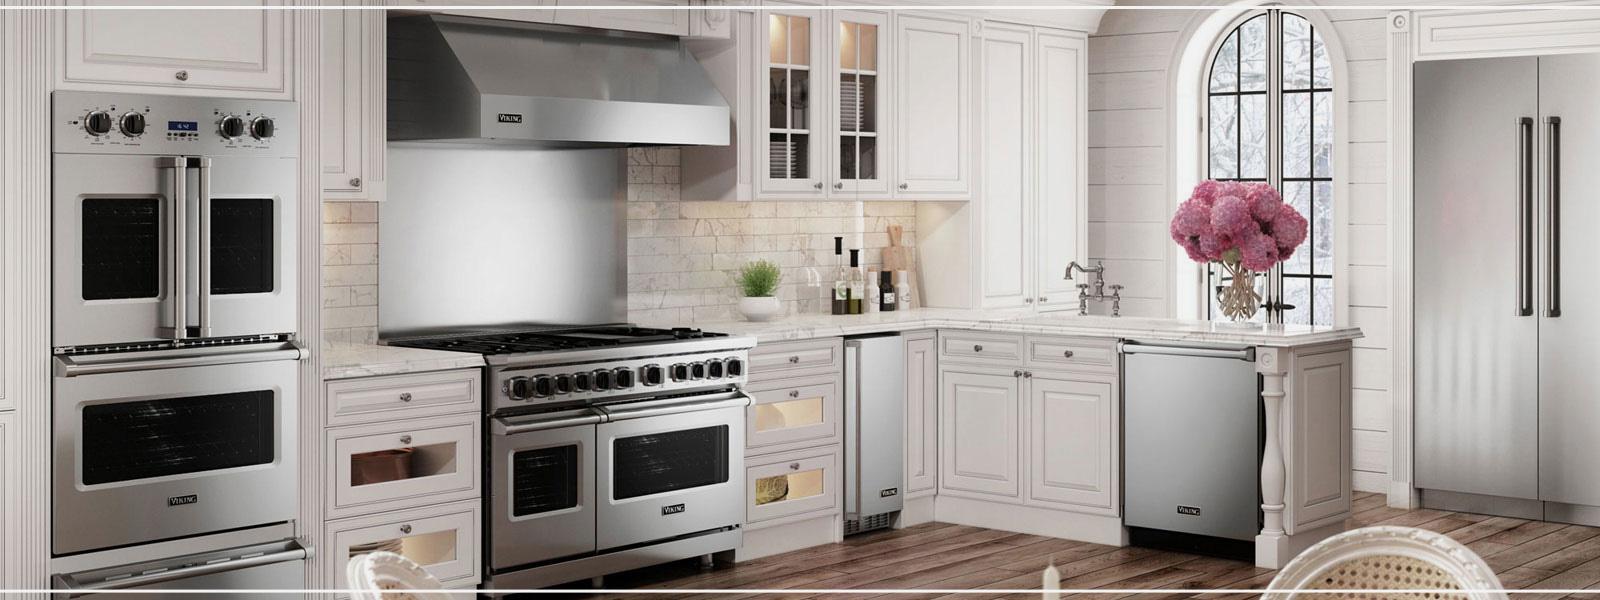 Wir sind in der Lage, Sie mit allen<p></p>Küchenartikeln in Ihren Projekten zu versorgen